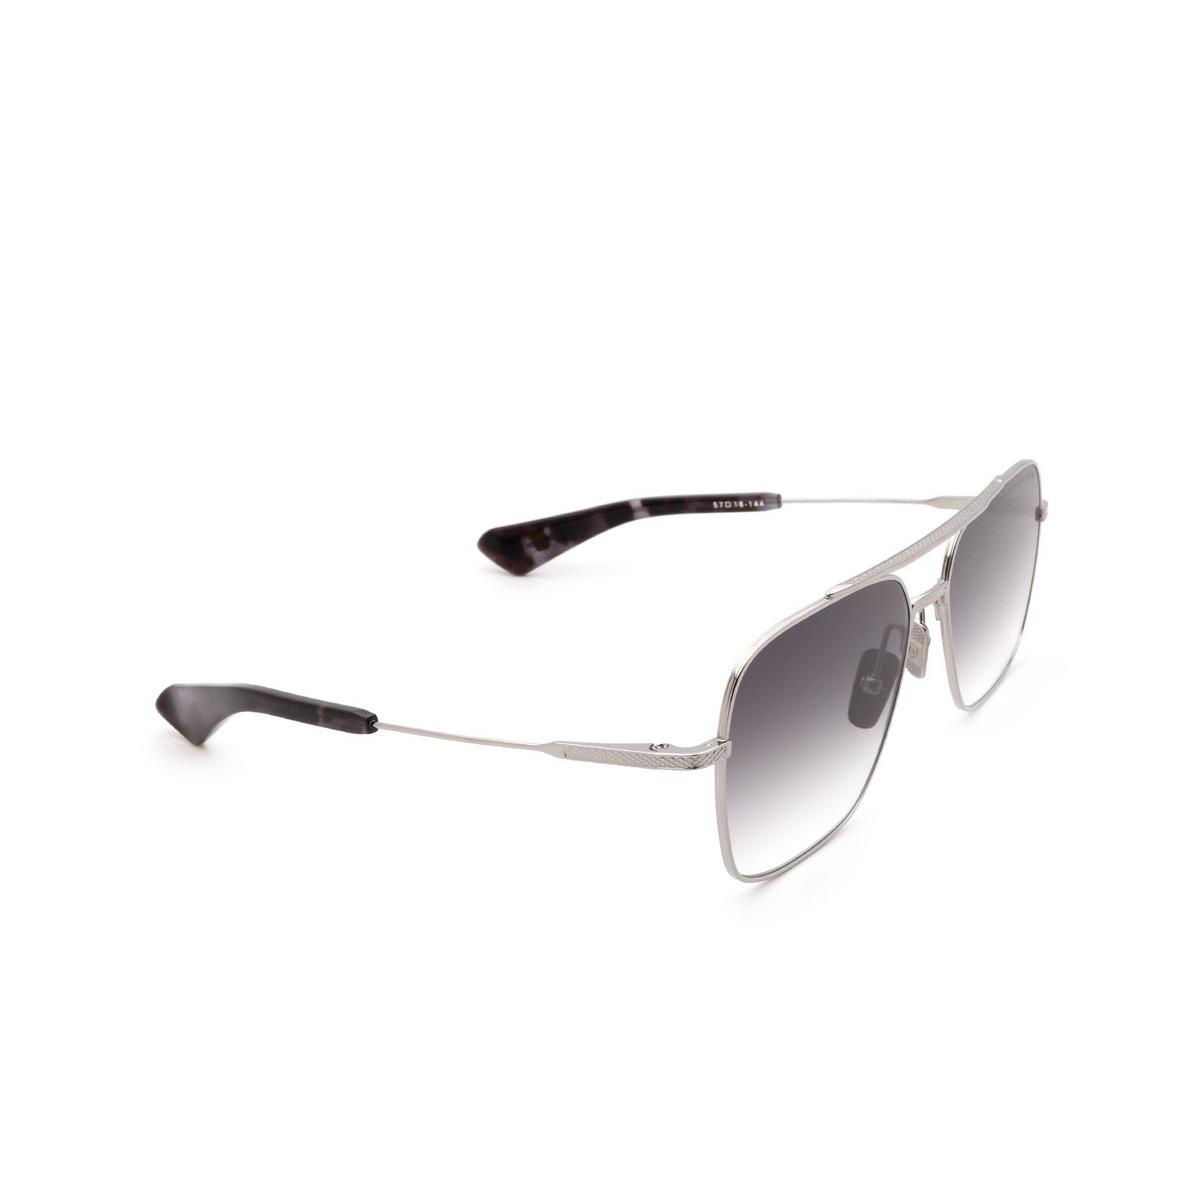 Dita® Aviator Sunglasses: Flight-seven DTS111-57-01-Z color Black Palladium Pld.